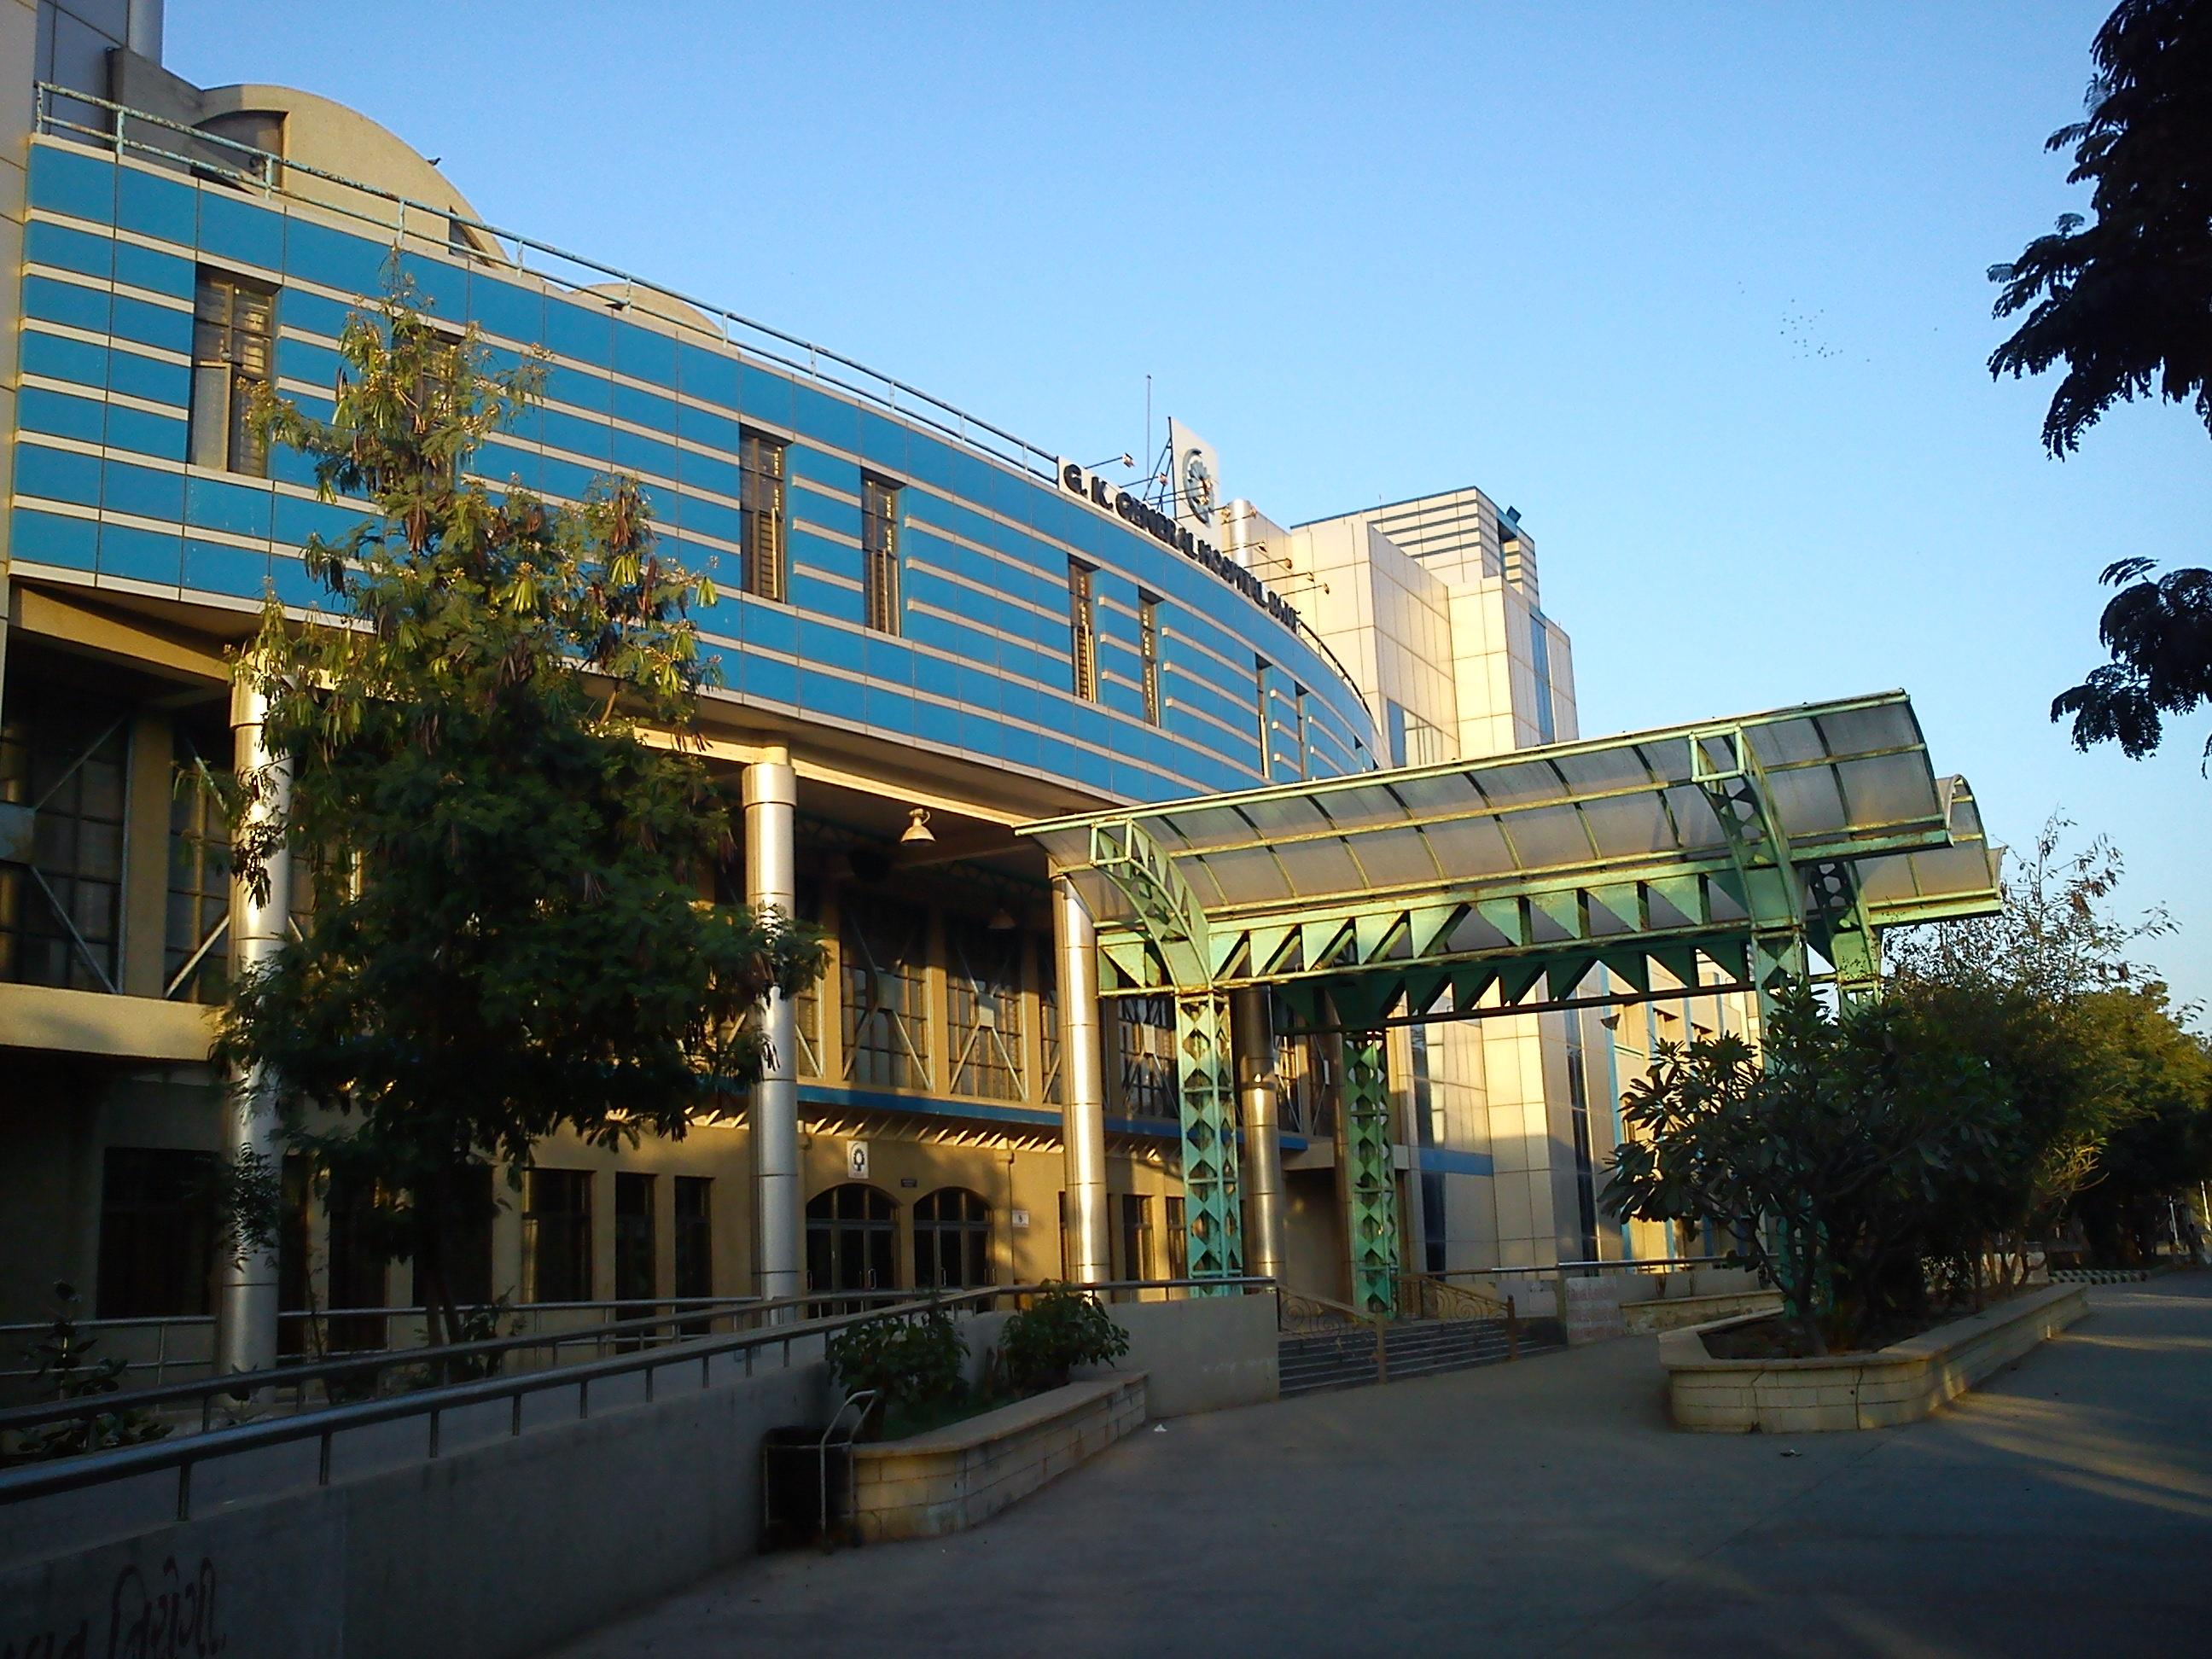 ભુજની જી.કે.જનરલ હોસ્પિટલમાં ટ્રોમા સેન્ટરના નિર્માણ માટે 1 કરોડની જાહેરાત